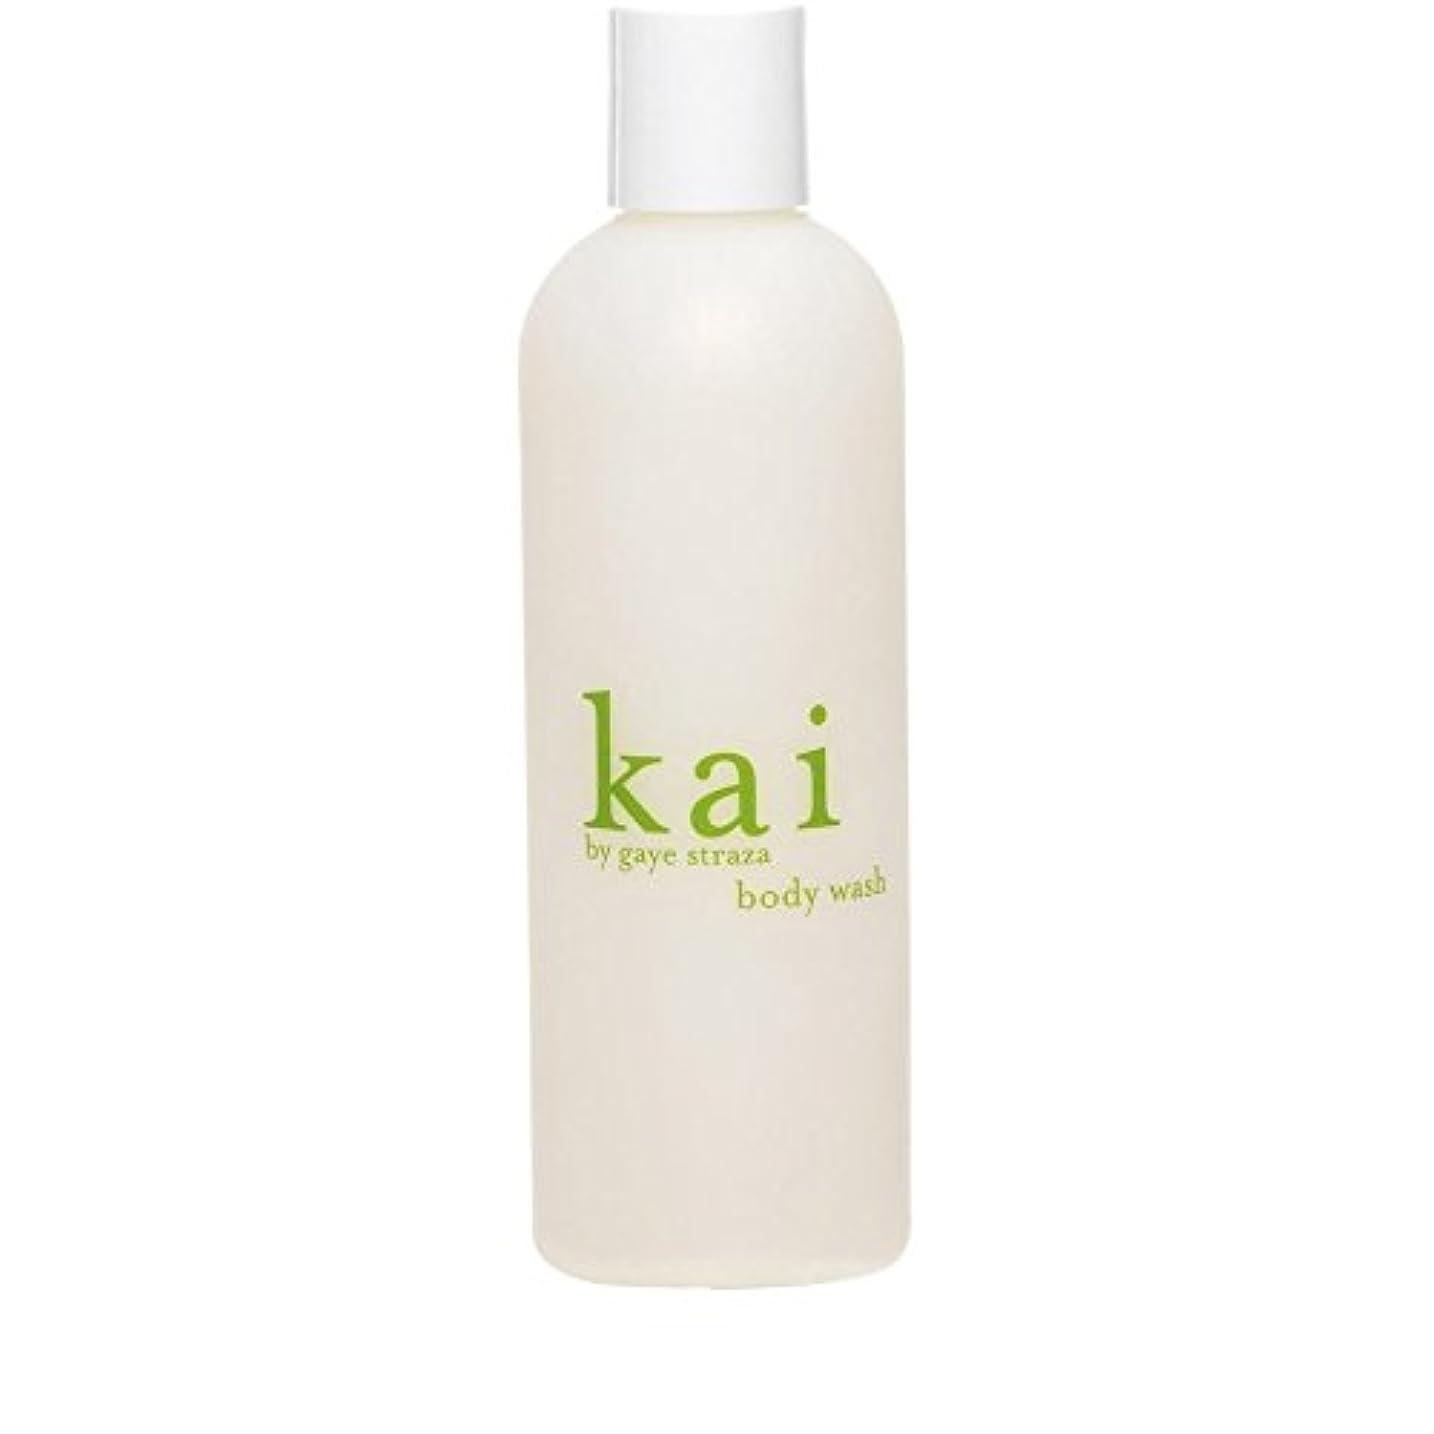 放置サスペンド本質的にKai by Gaye Straza Kai Body Wash 235ml (Pack of 6) - ゲイ?ストラザ会ボディウォッシュ235ミリリットルによって会 x6 [並行輸入品]